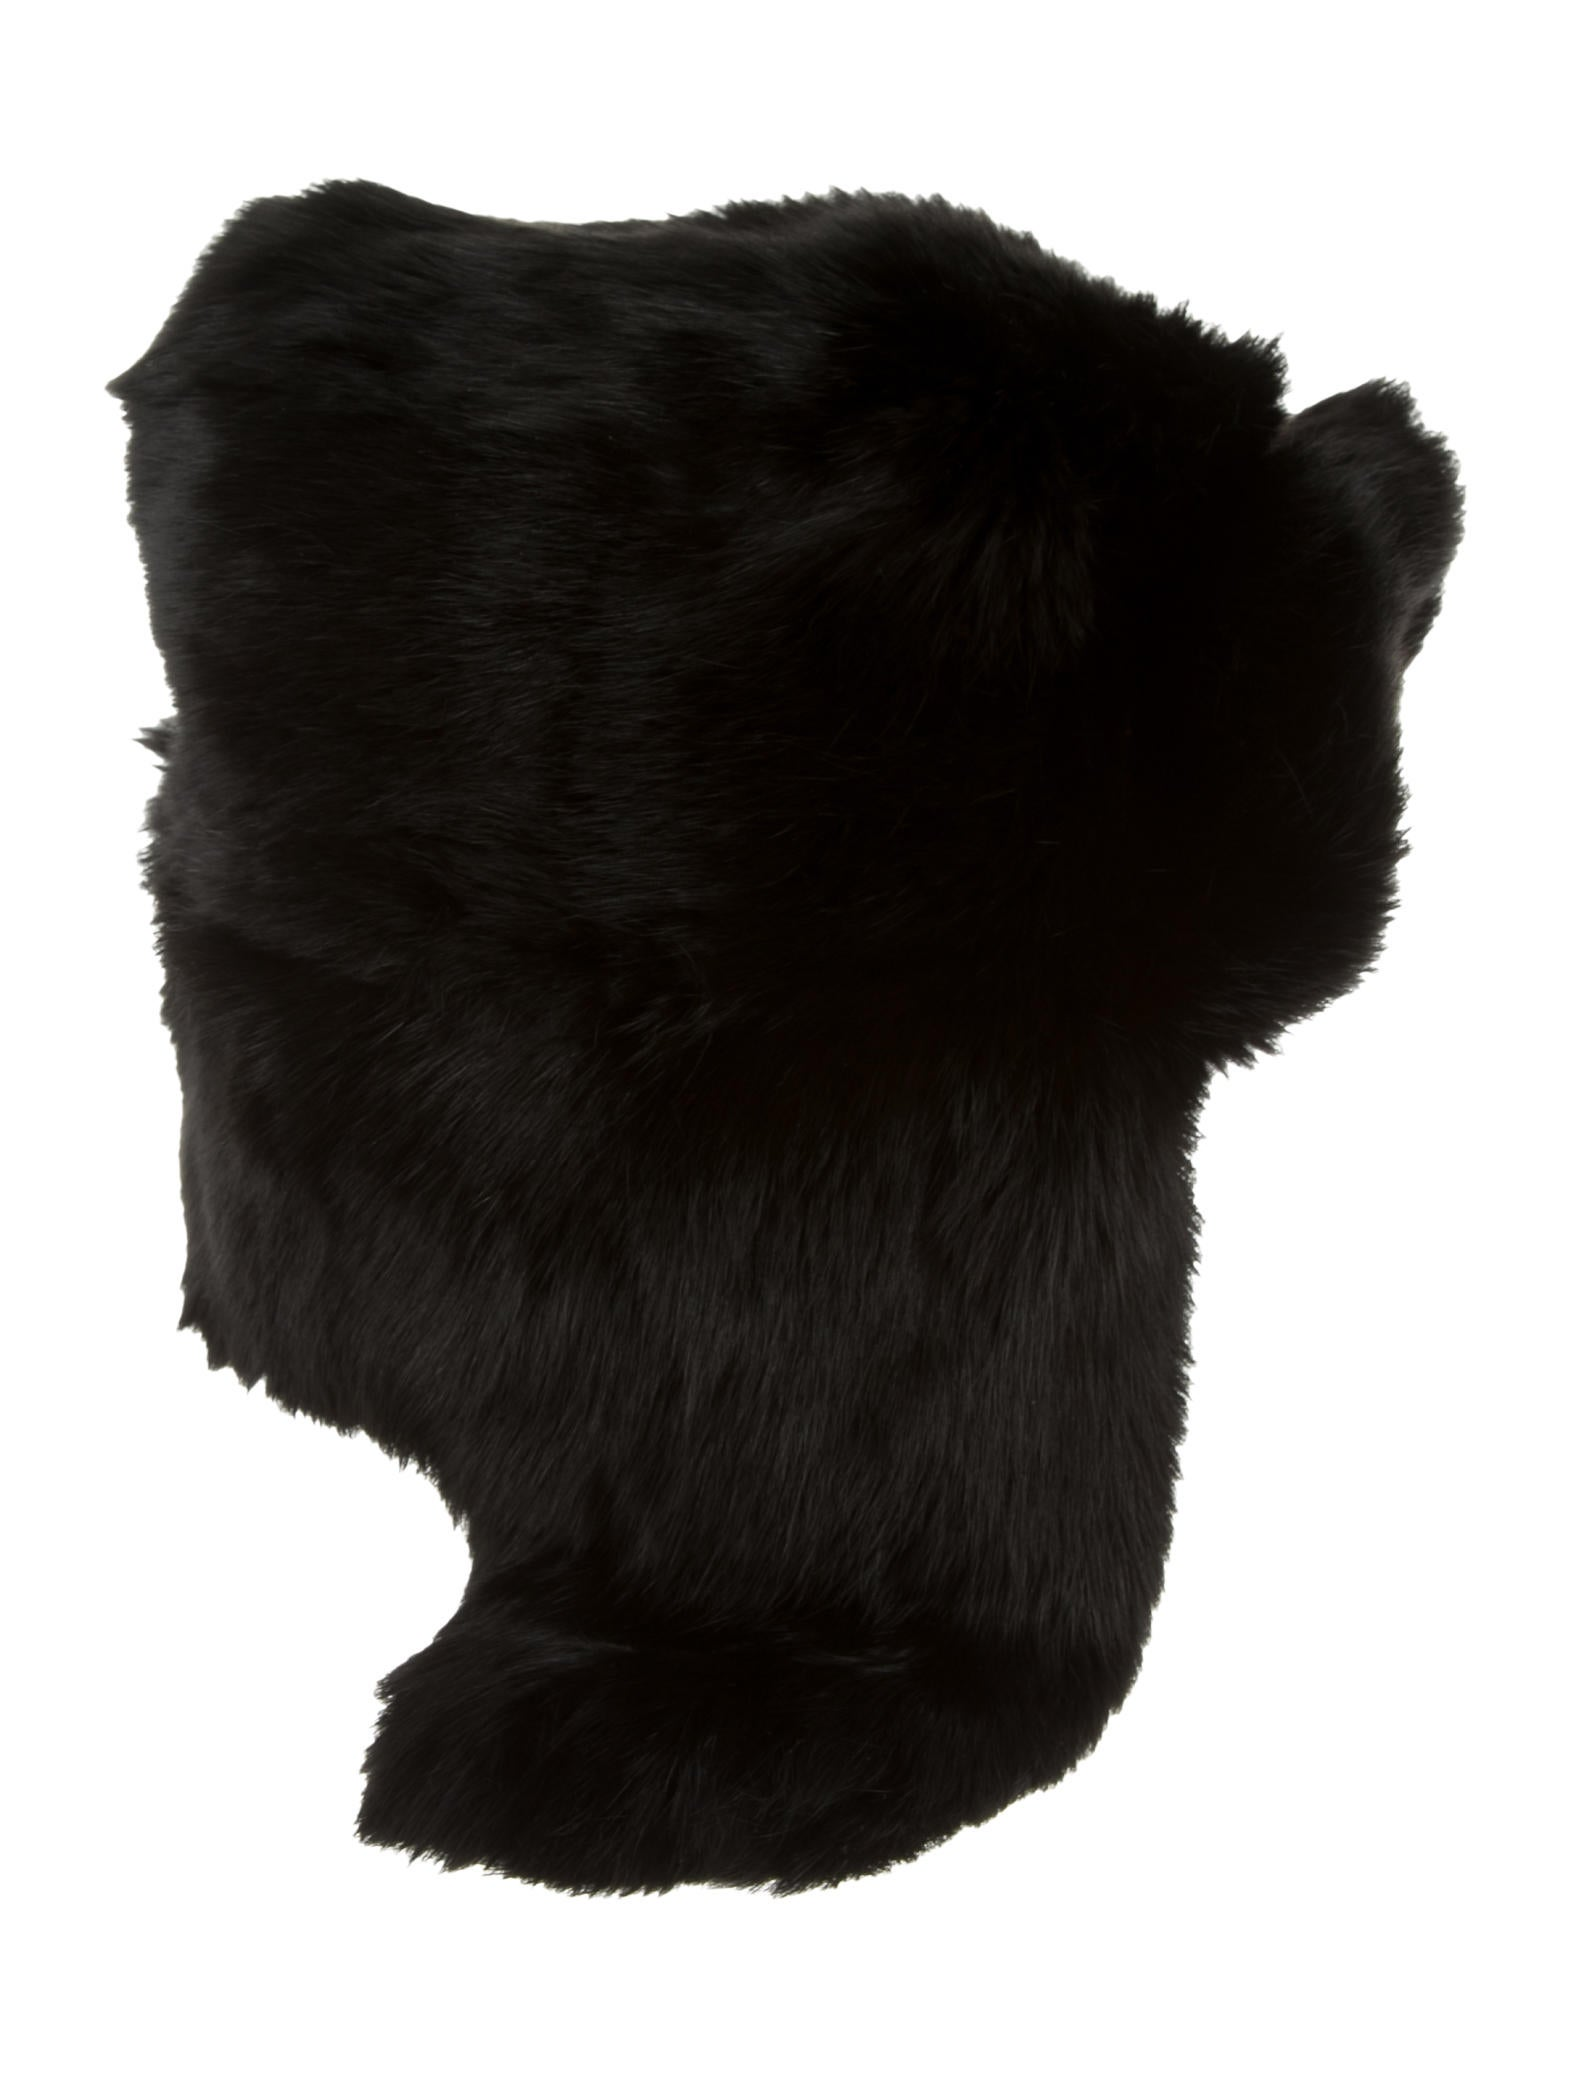 2385cdb601763 Gucci Fur Trapper Hat - Accessories - GUC73906